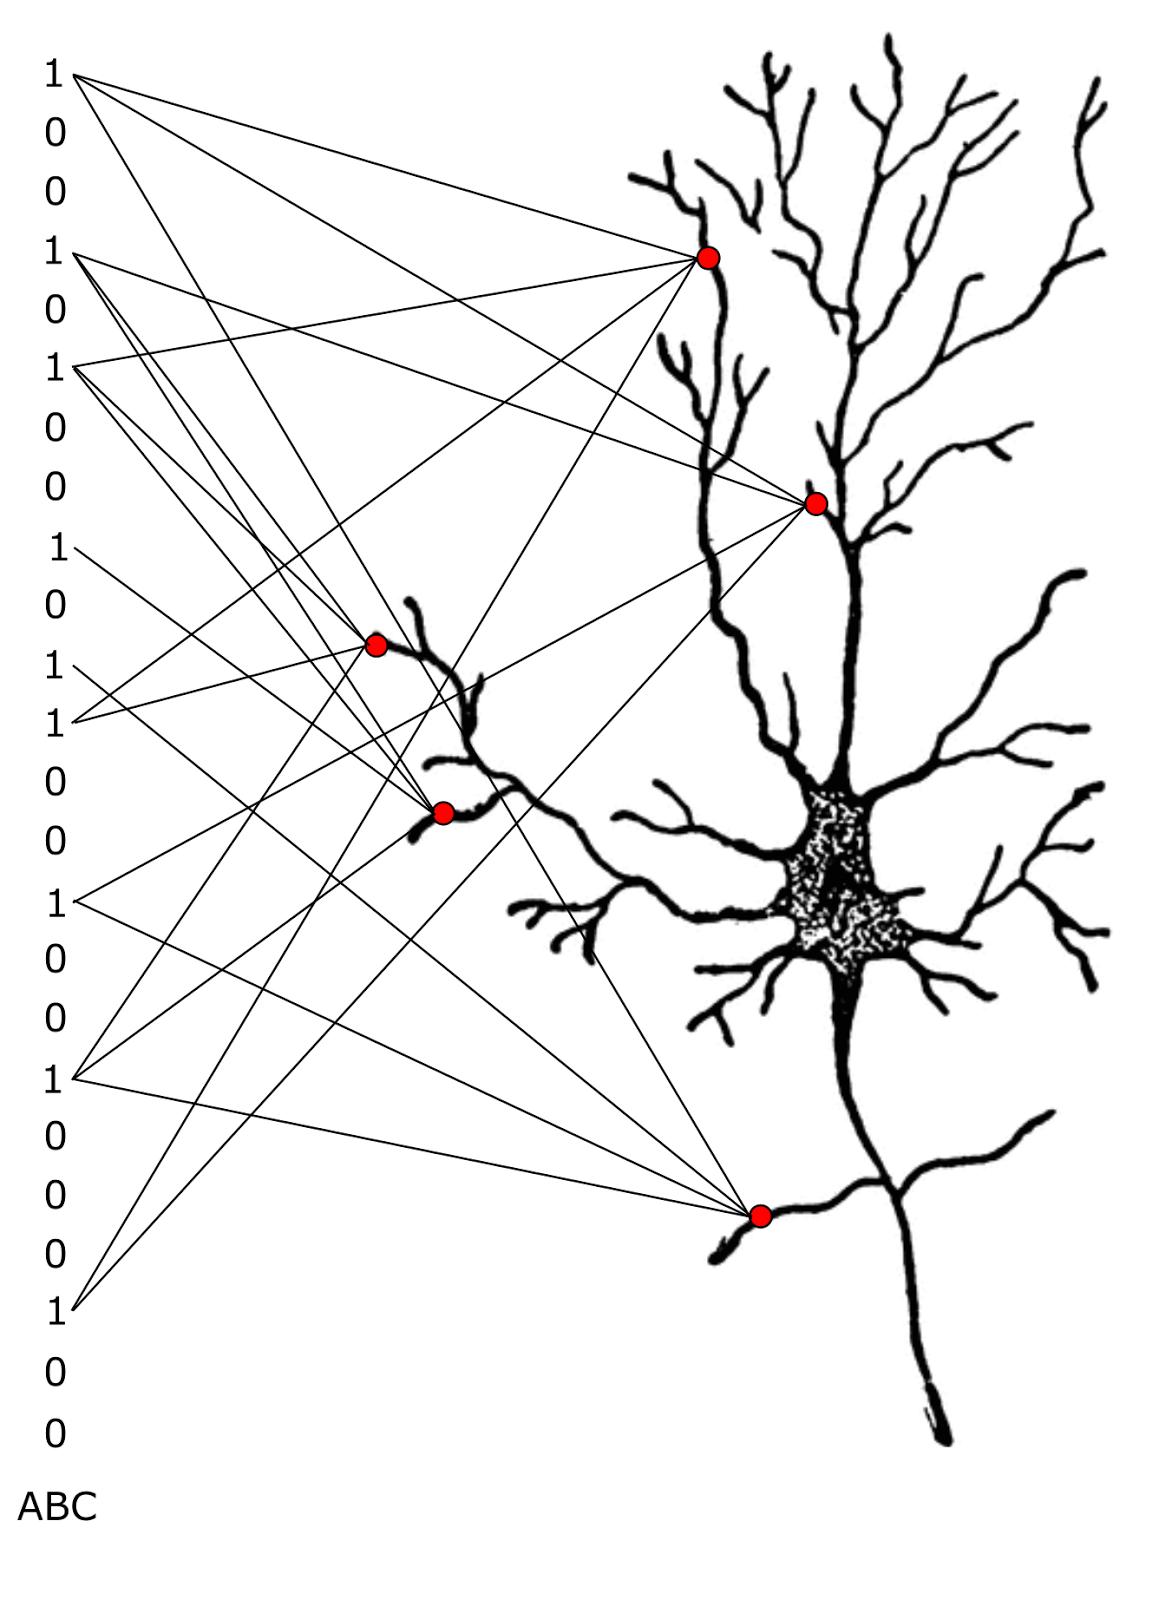 Логика сознания. Часть 9. Искусственные нейронные сети и миниколонки реальной коры - 18